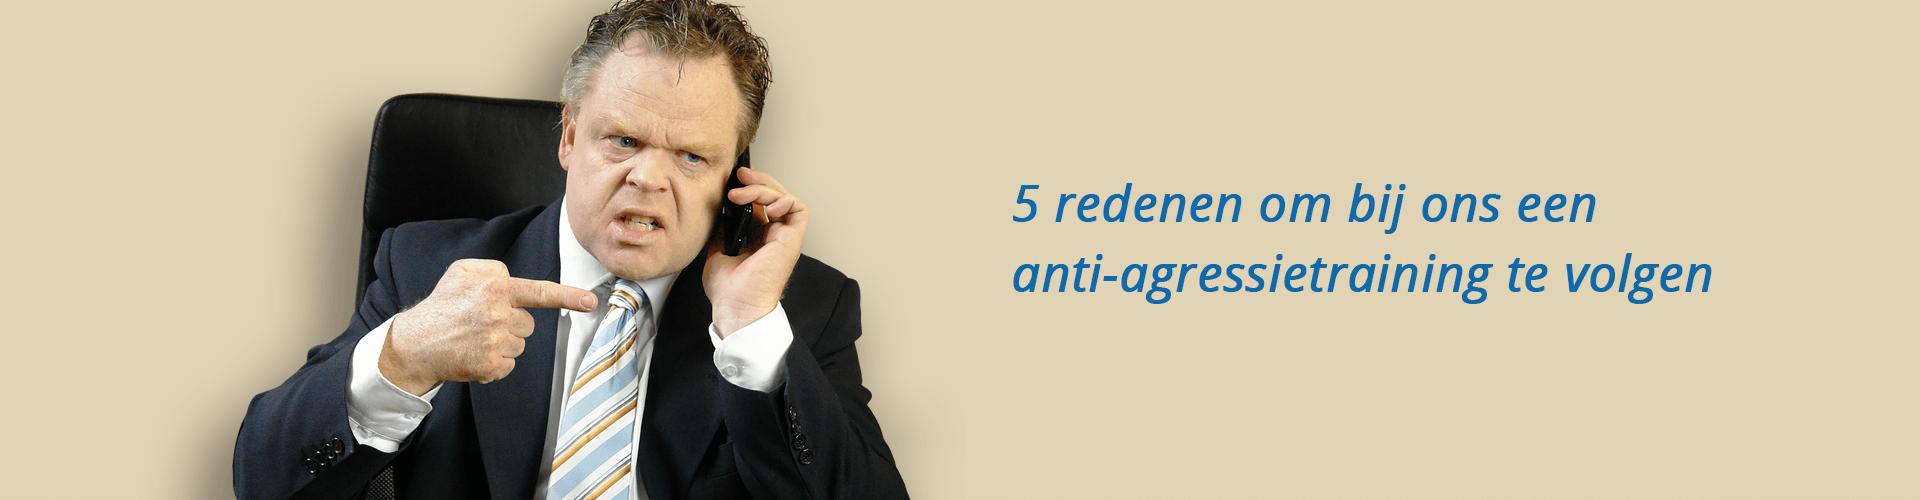 5 redenen om bij ons een anti-agressietraining te volgen